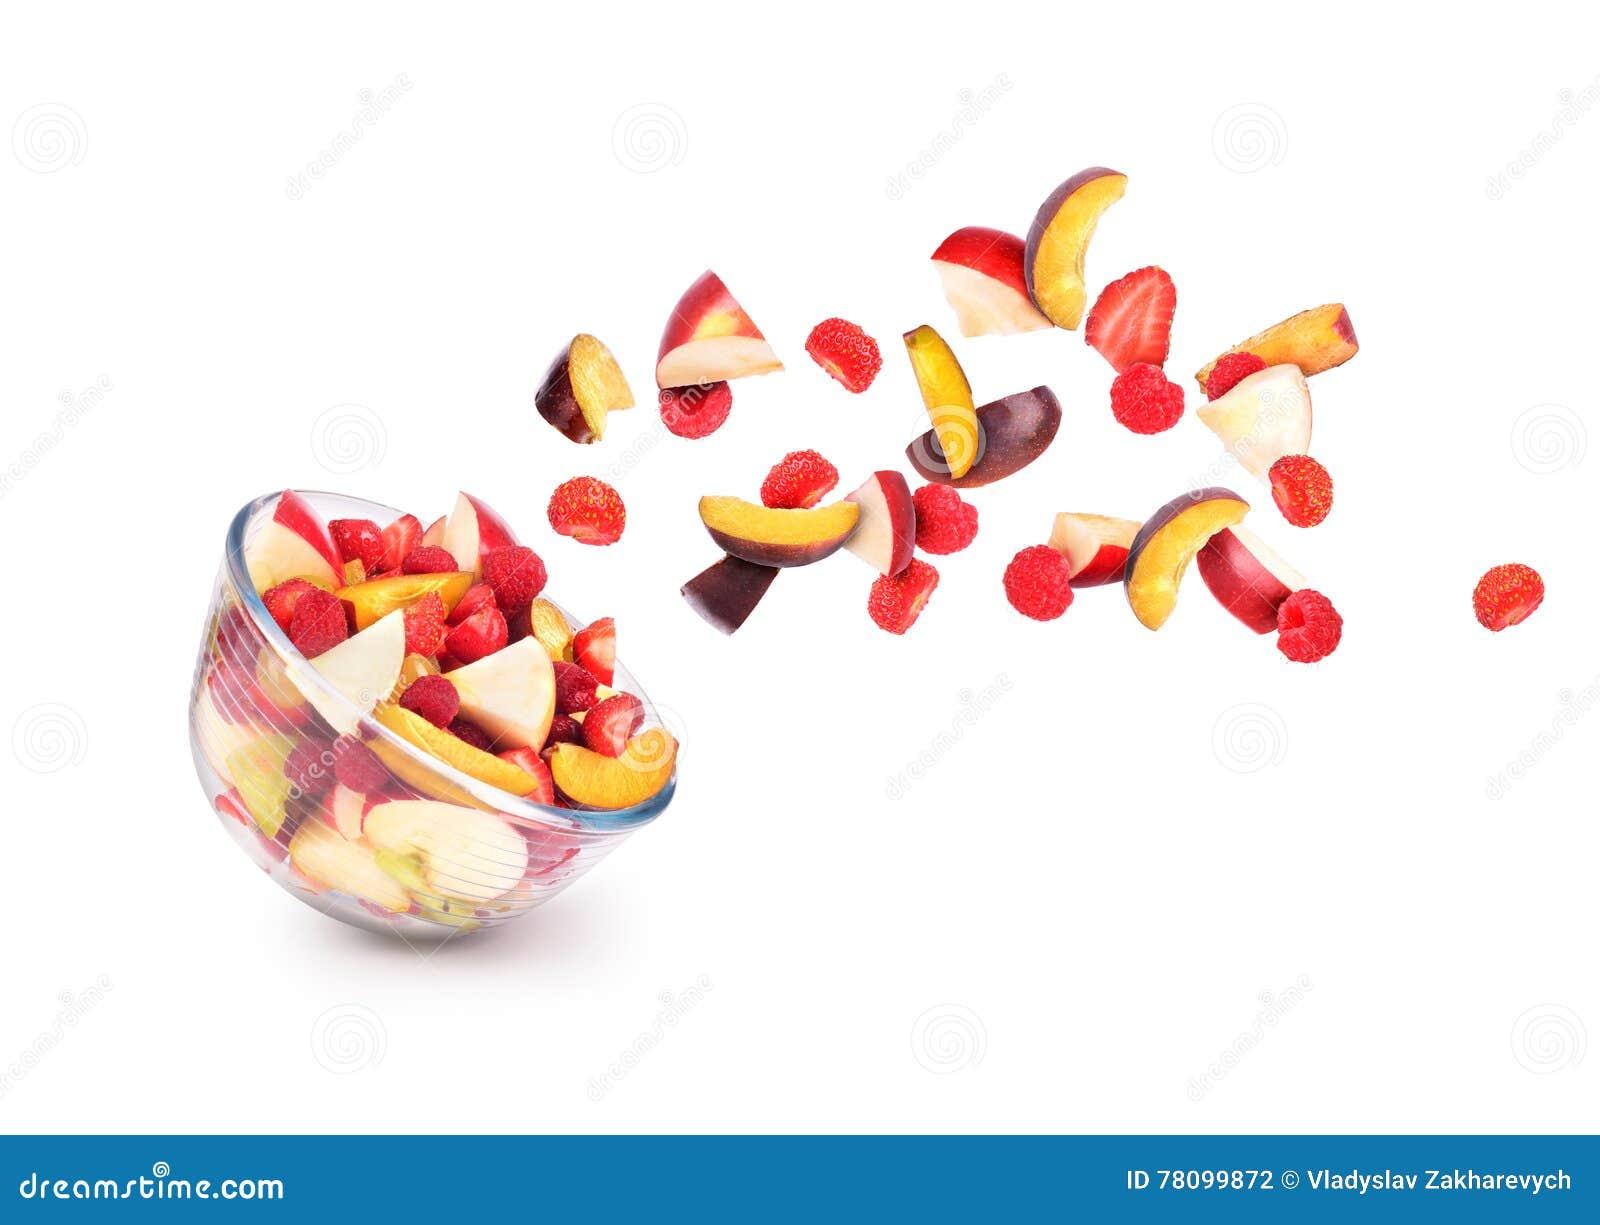 来自碗的新鲜水果